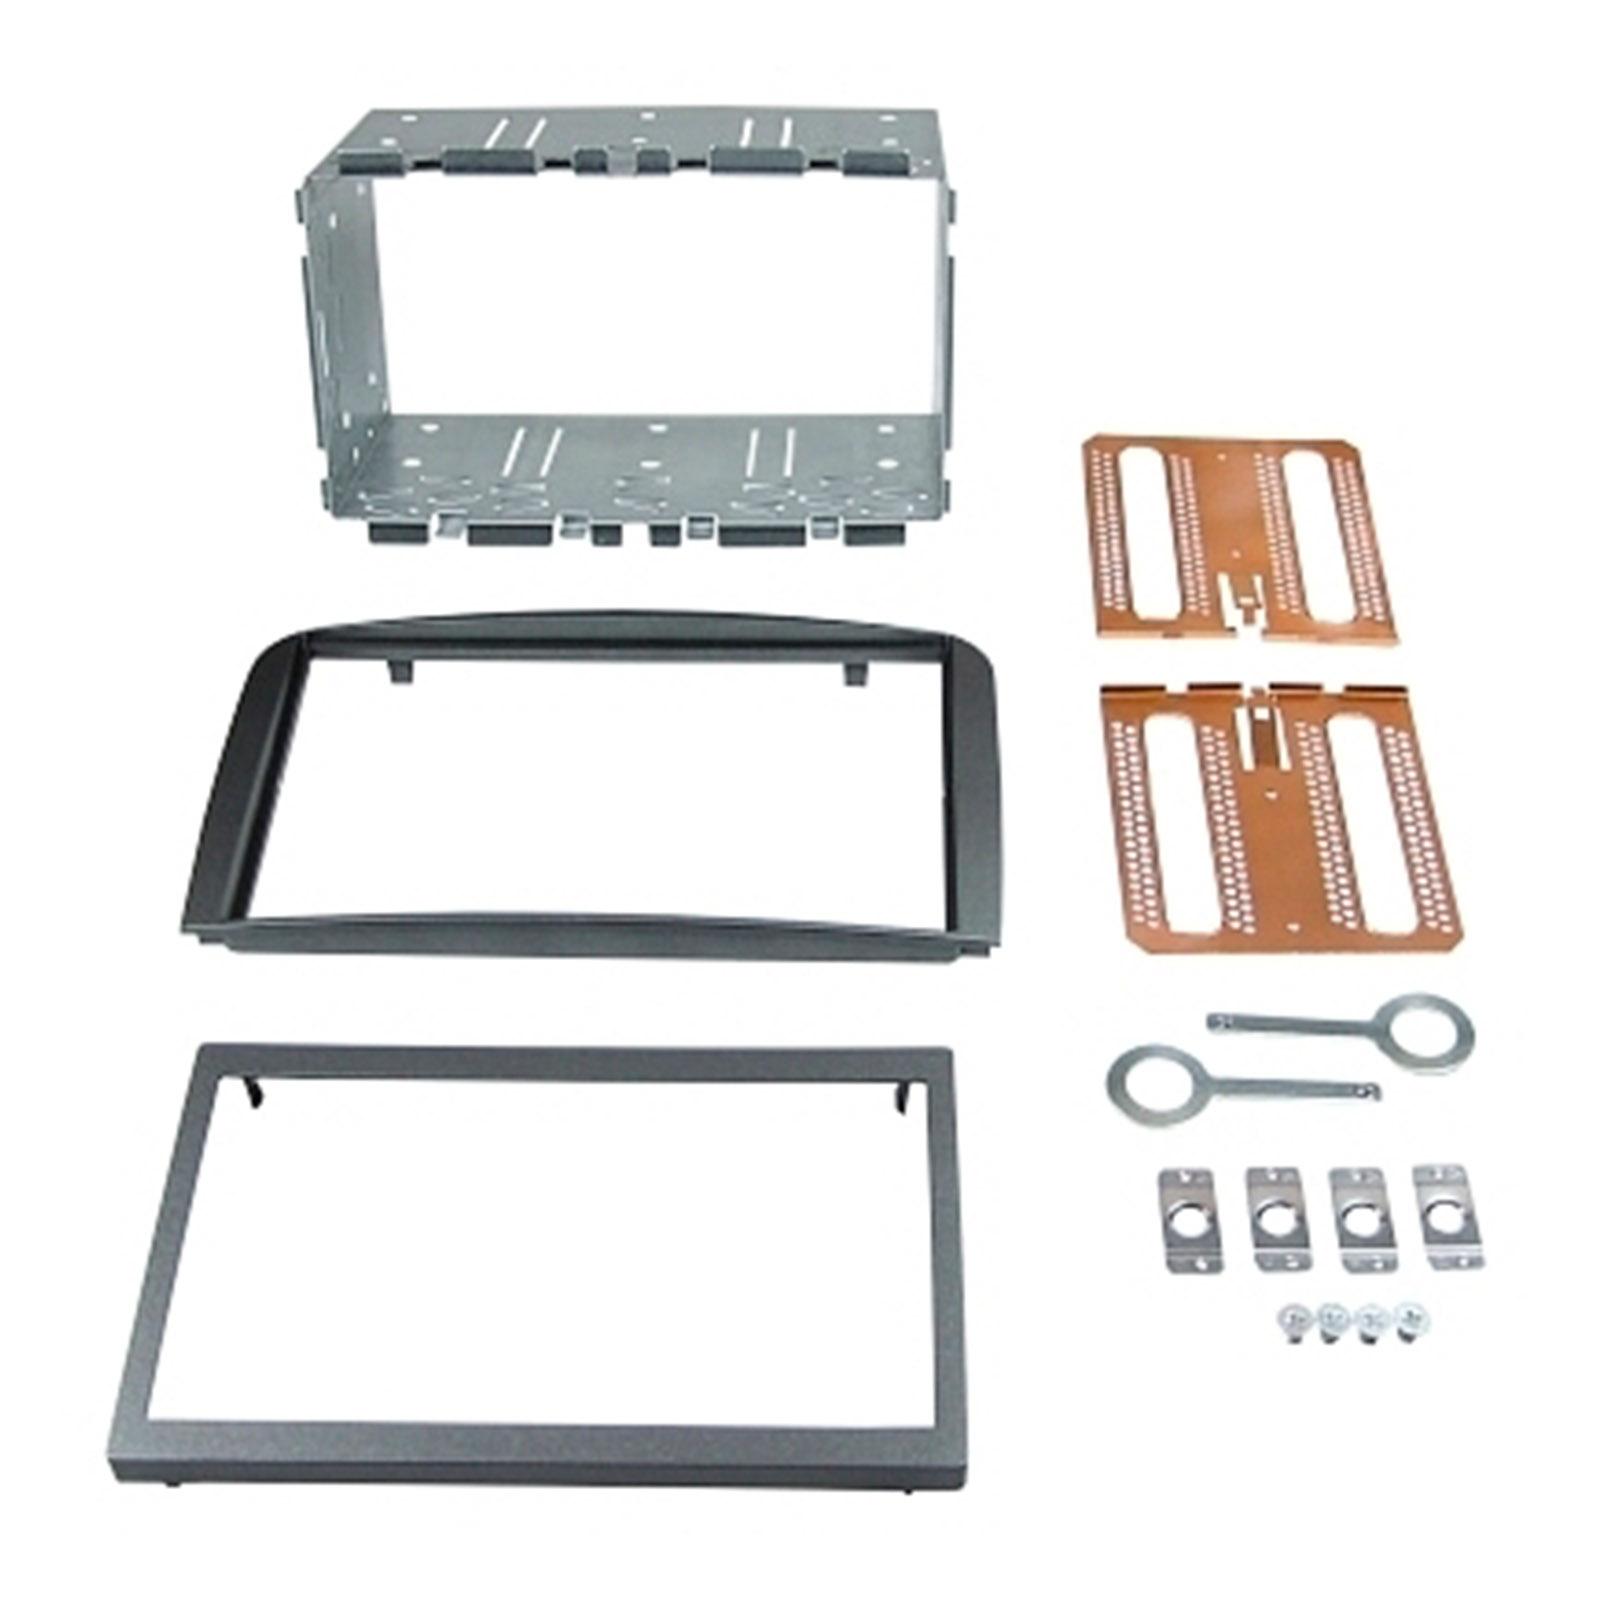 Doppel ISO Einbauset passend für ALFA Romeo 147 Typ 937 GT